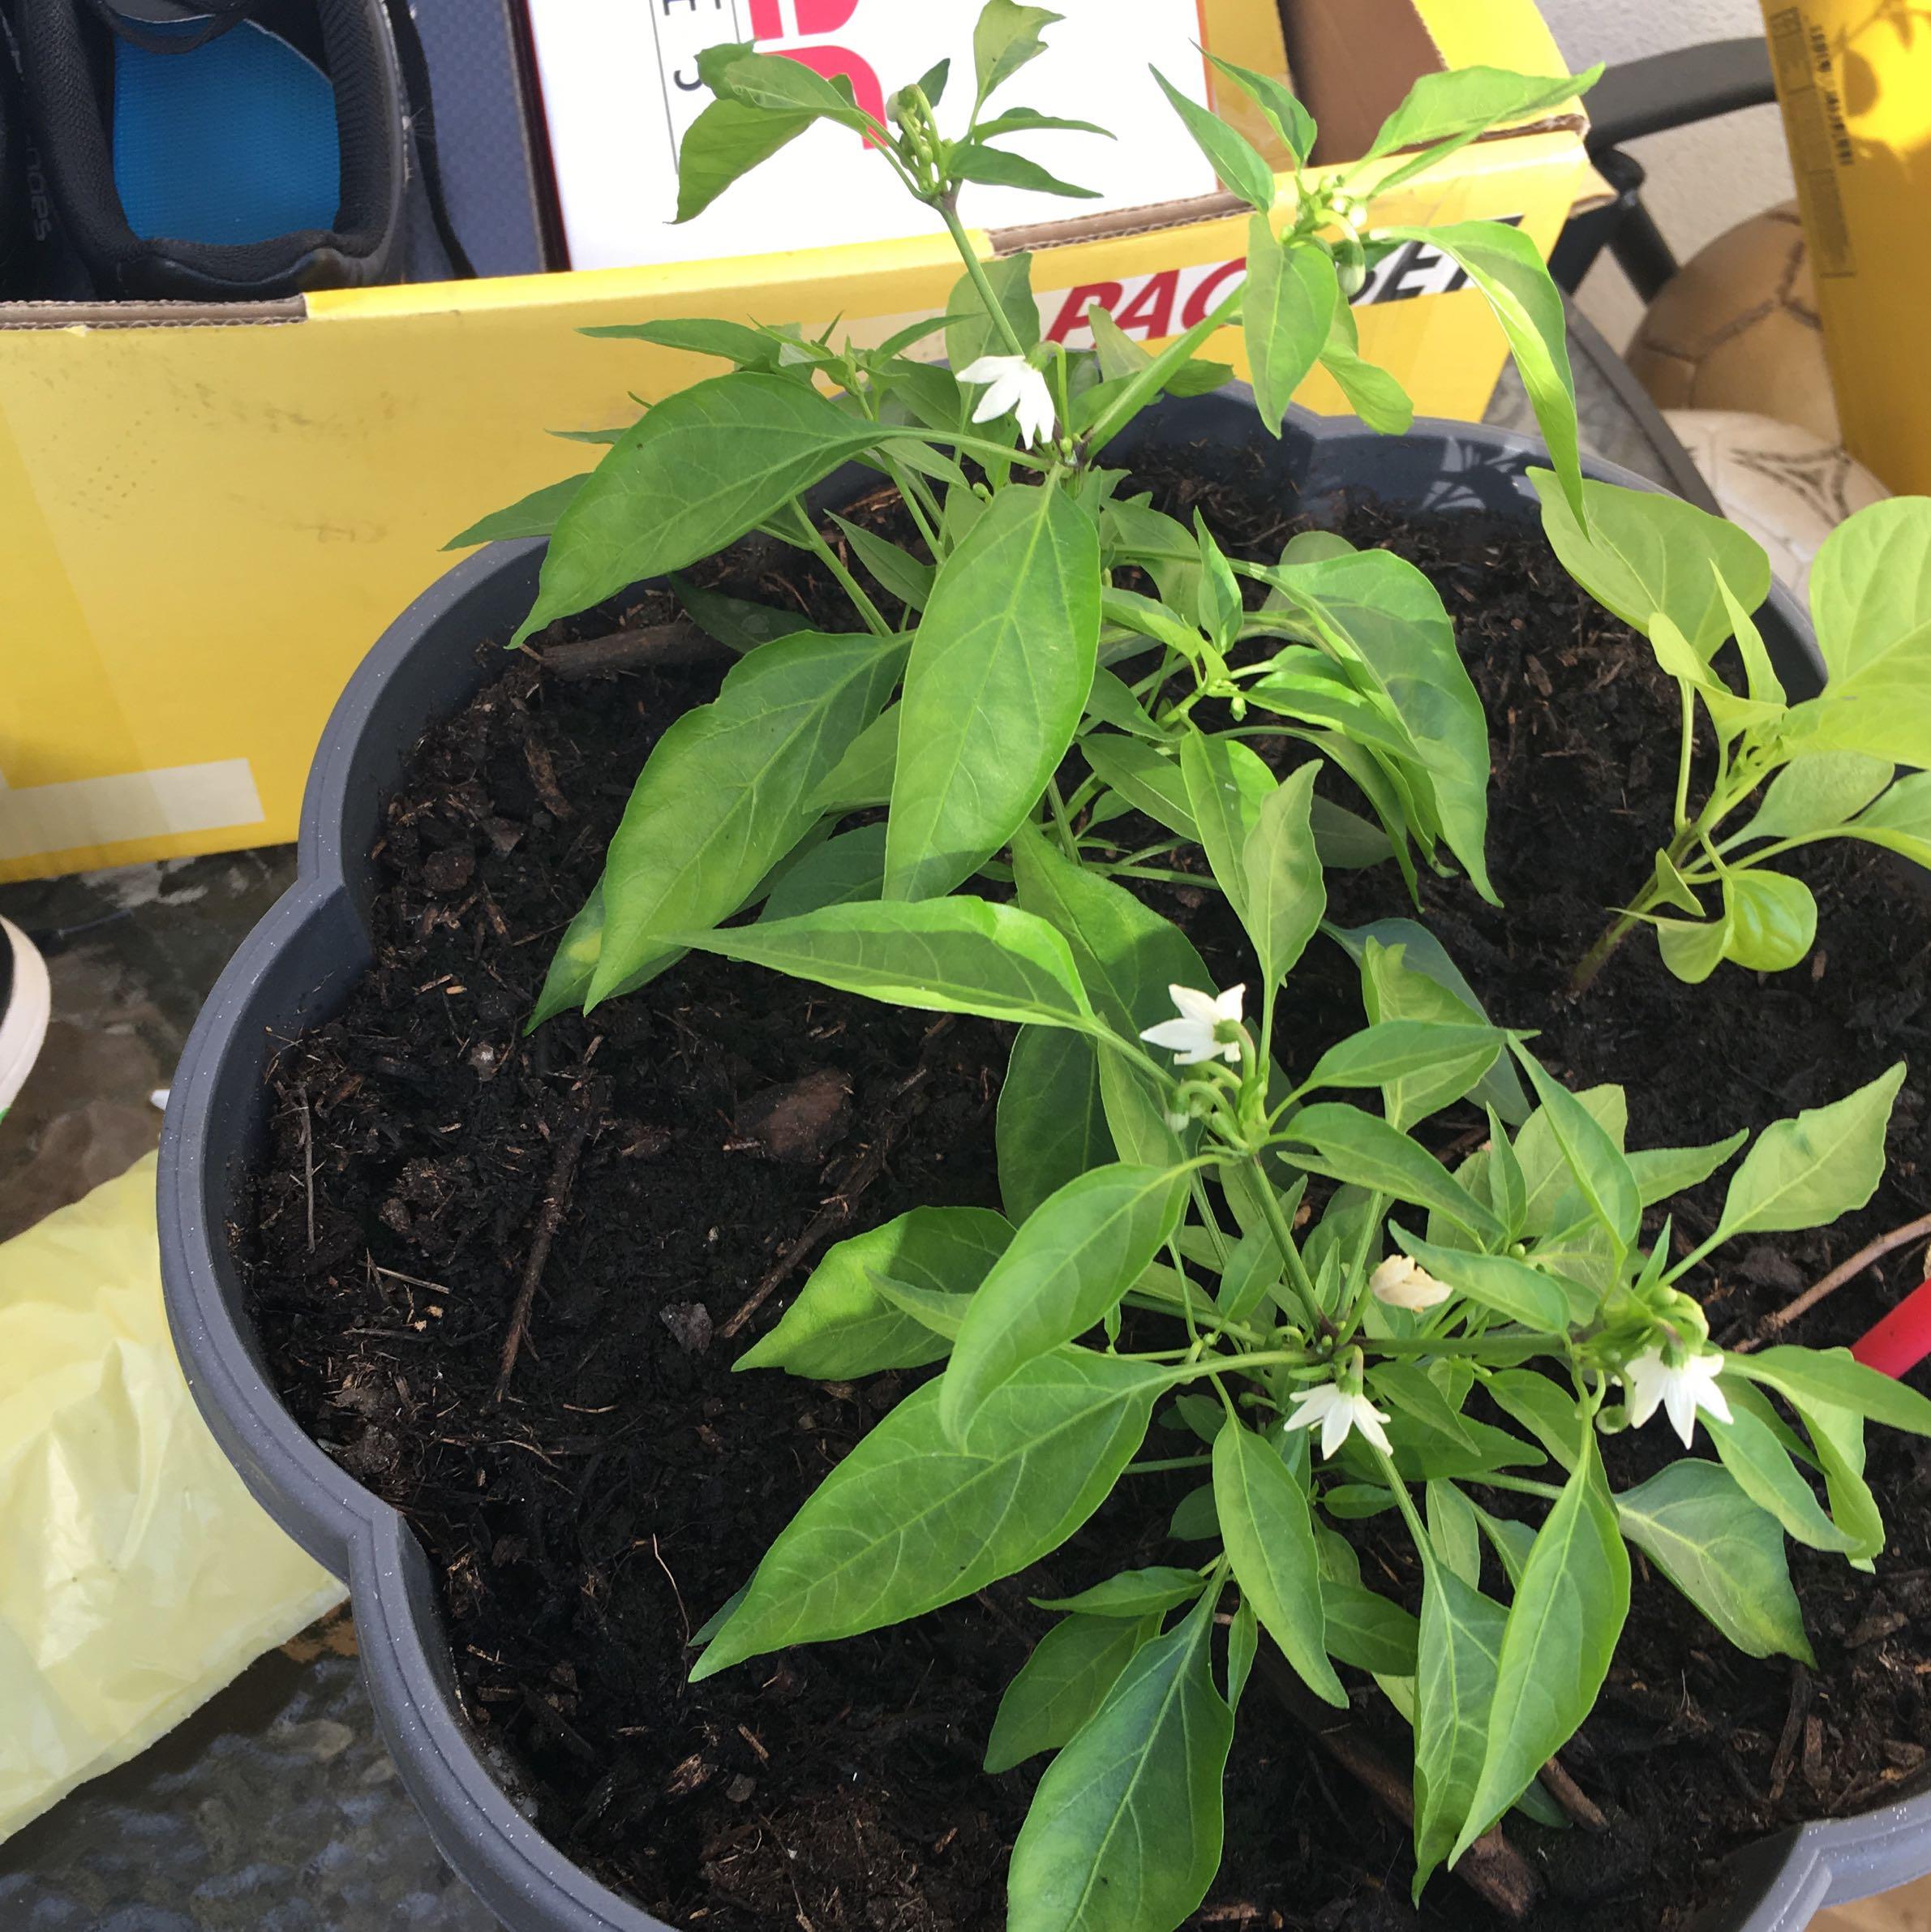 sieht das aus wie es soll chilli pflanze pflanzen chili